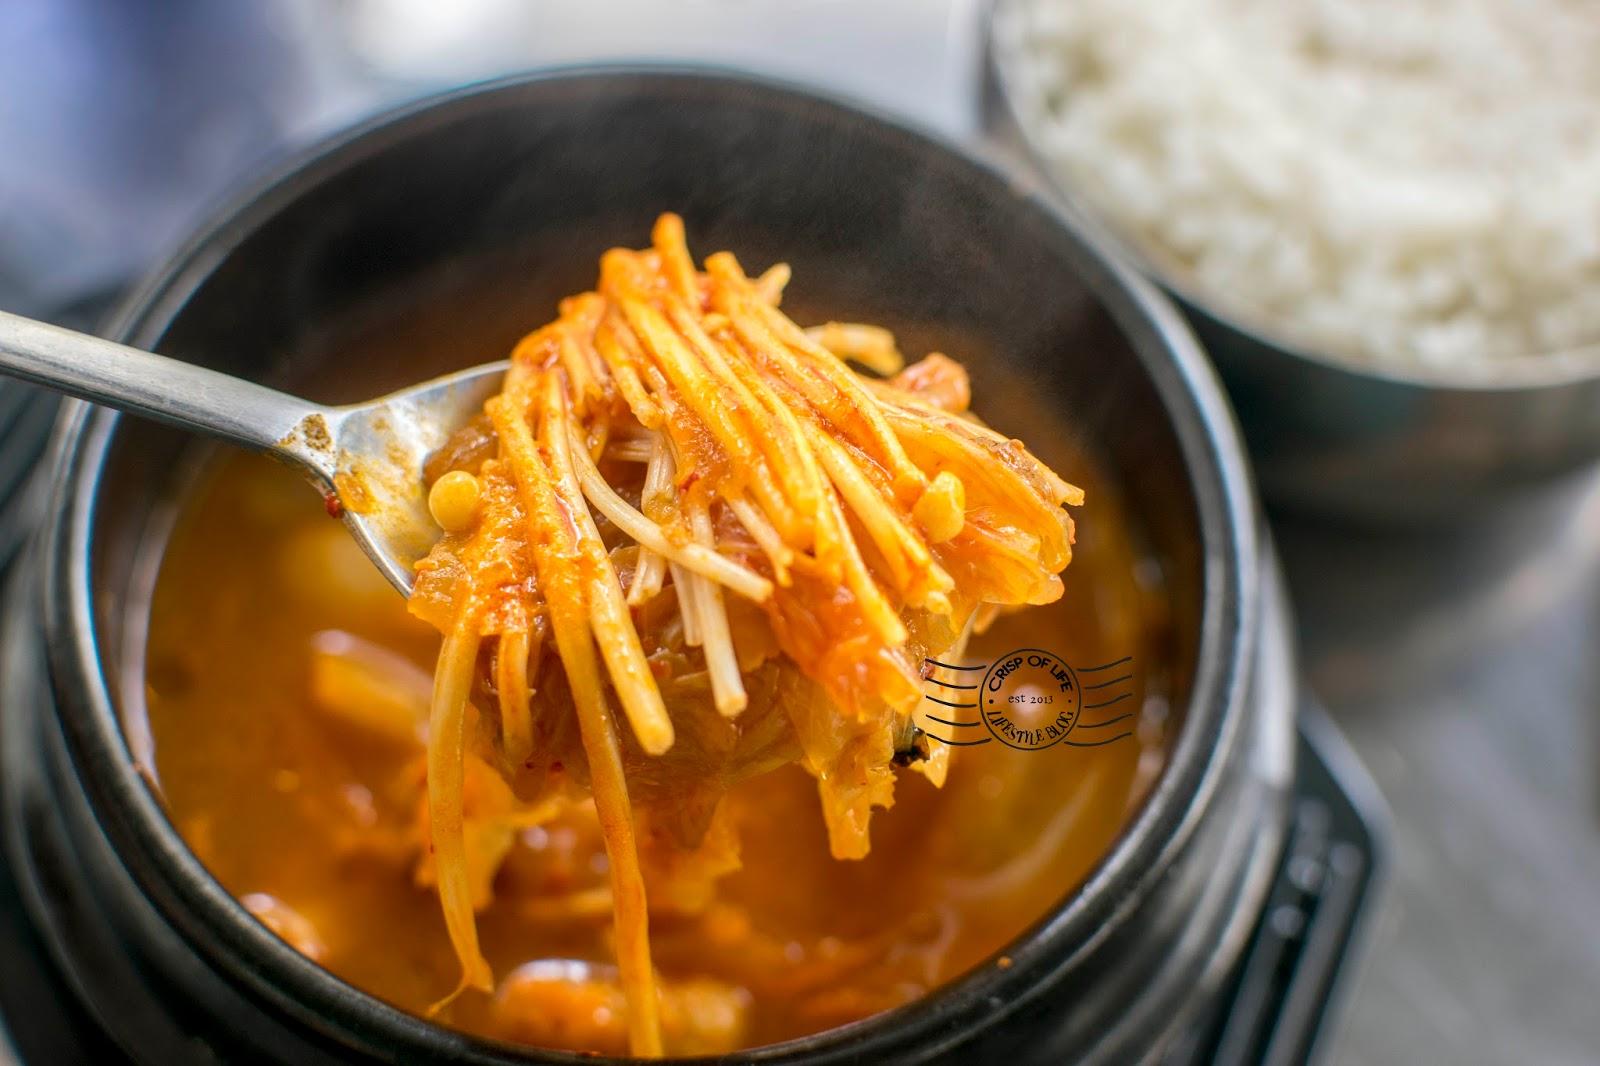 Bellygood Korean Restaurant @ Promenade, Lebuh Mahsuri, Bayan Lepas, Penang